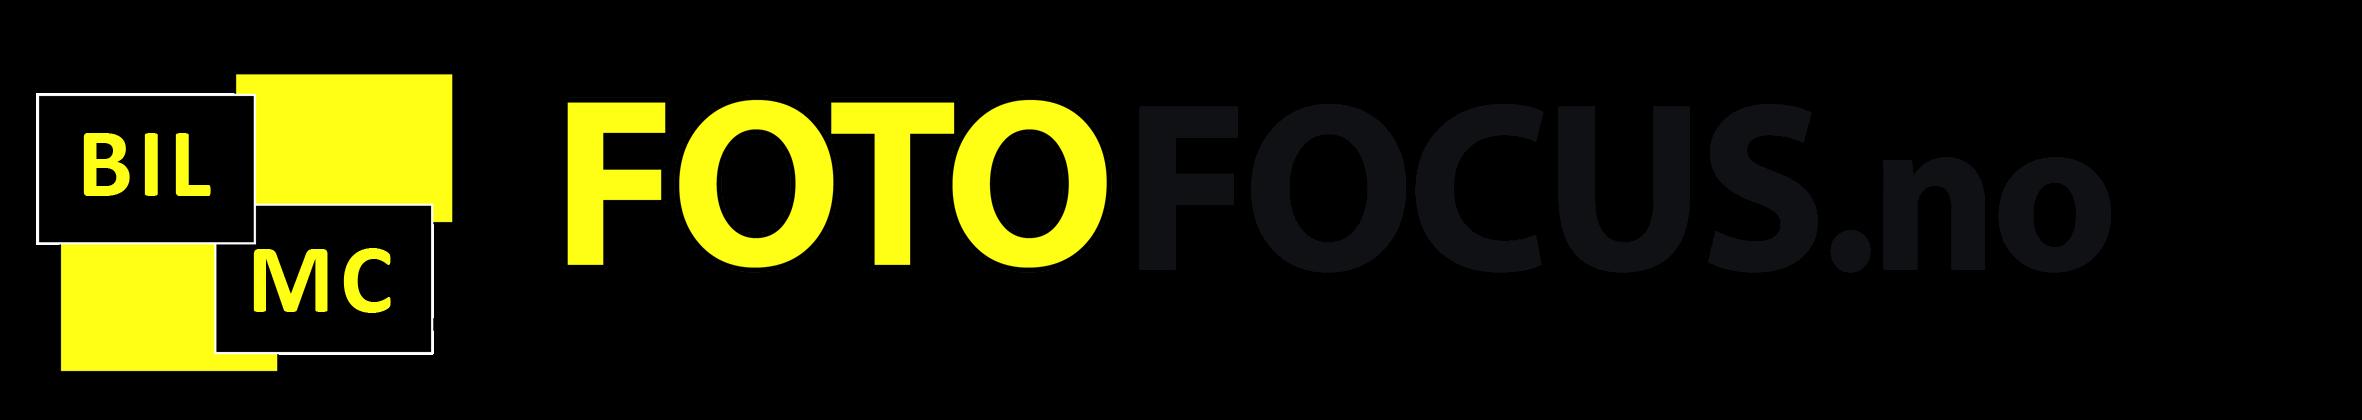 Fotofocus - logo